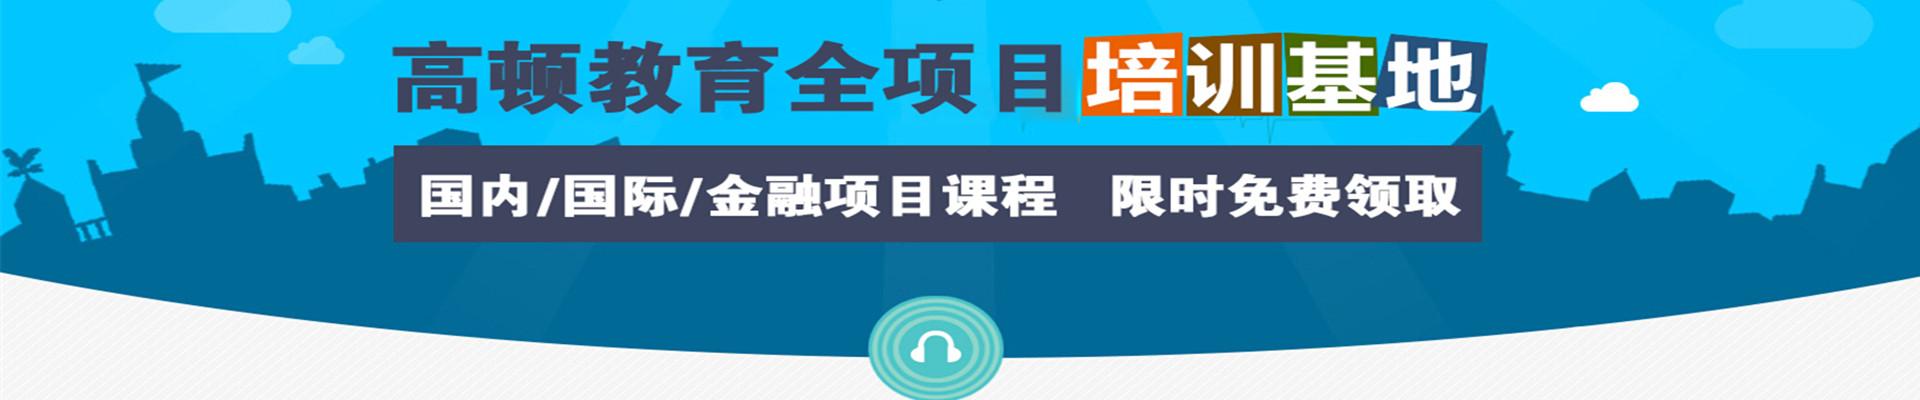 上海高顿财经徐汇校区